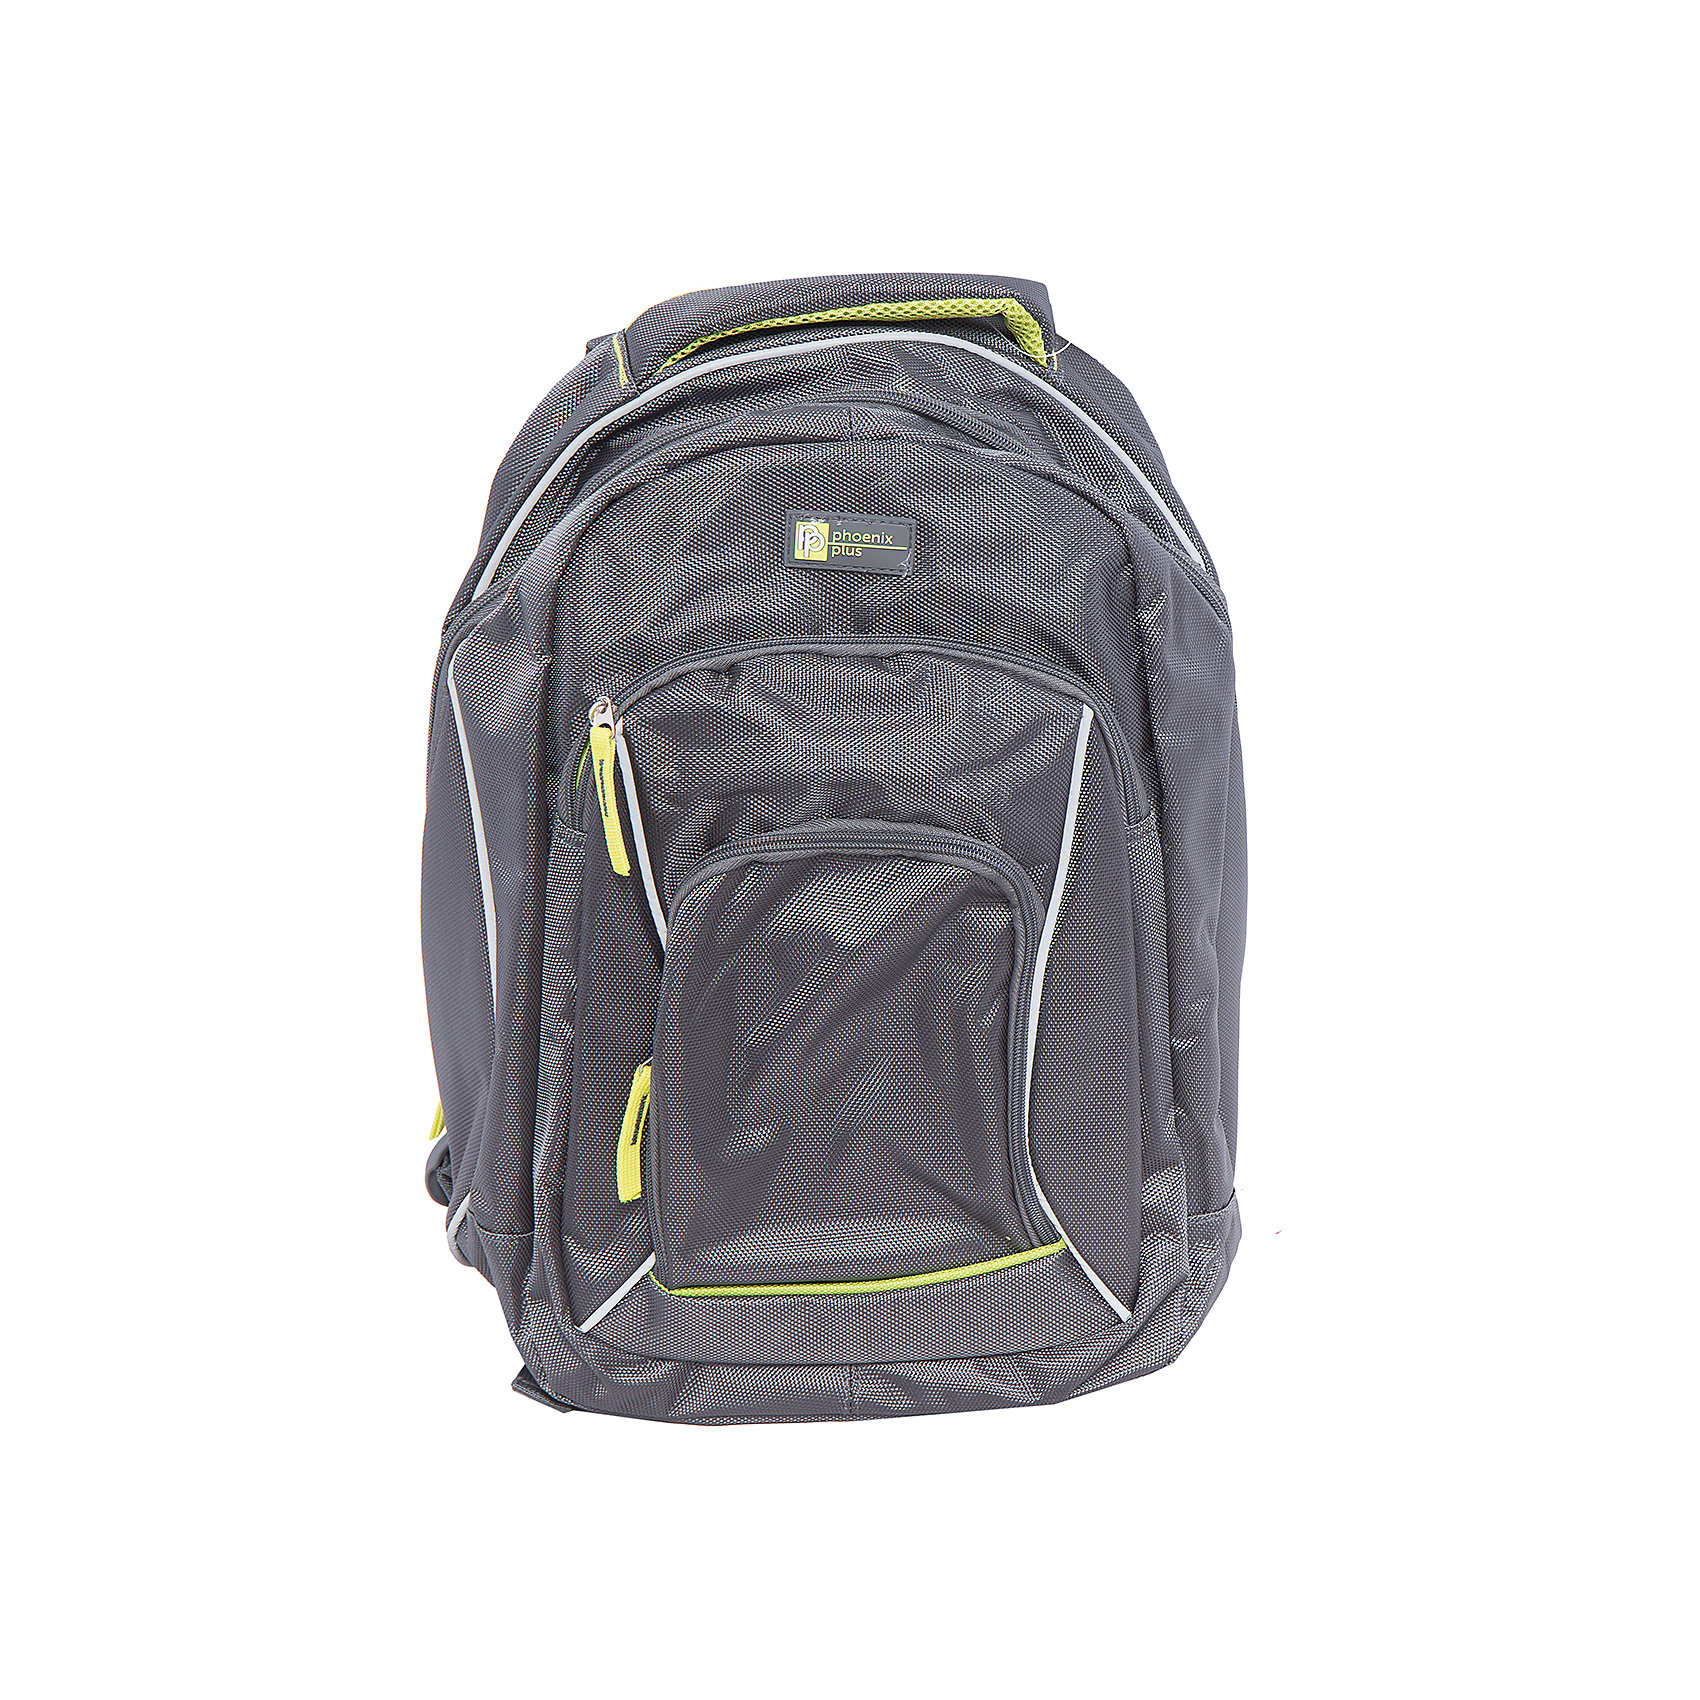 Рюкзак спортивный, темно-серыйВместительный, удобный рюкзак для Вашего ребенка. У рюкзака одно большое отделение на молнии и два дополнительных накладных кармана спереди, лямки регулируются.<br><br>Дополнительная информация:<br><br>- Возраст: от 6 лет.<br>- Молнии ранца украшены брелками.<br>- Цвет: темно-серый.<br>- Материал: 100% полиэстер.<br>- Размер упаковки: 45х32х16 см.<br>- Вес в упаковке: 720 г.<br><br>Купить спортивный рюкзак темно-серого цвета, можно в нашем магазине.<br><br>Ширина мм: 450<br>Глубина мм: 320<br>Высота мм: 160<br>Вес г: 720<br>Возраст от месяцев: 72<br>Возраст до месяцев: 2147483647<br>Пол: Унисекс<br>Возраст: Детский<br>SKU: 4943525